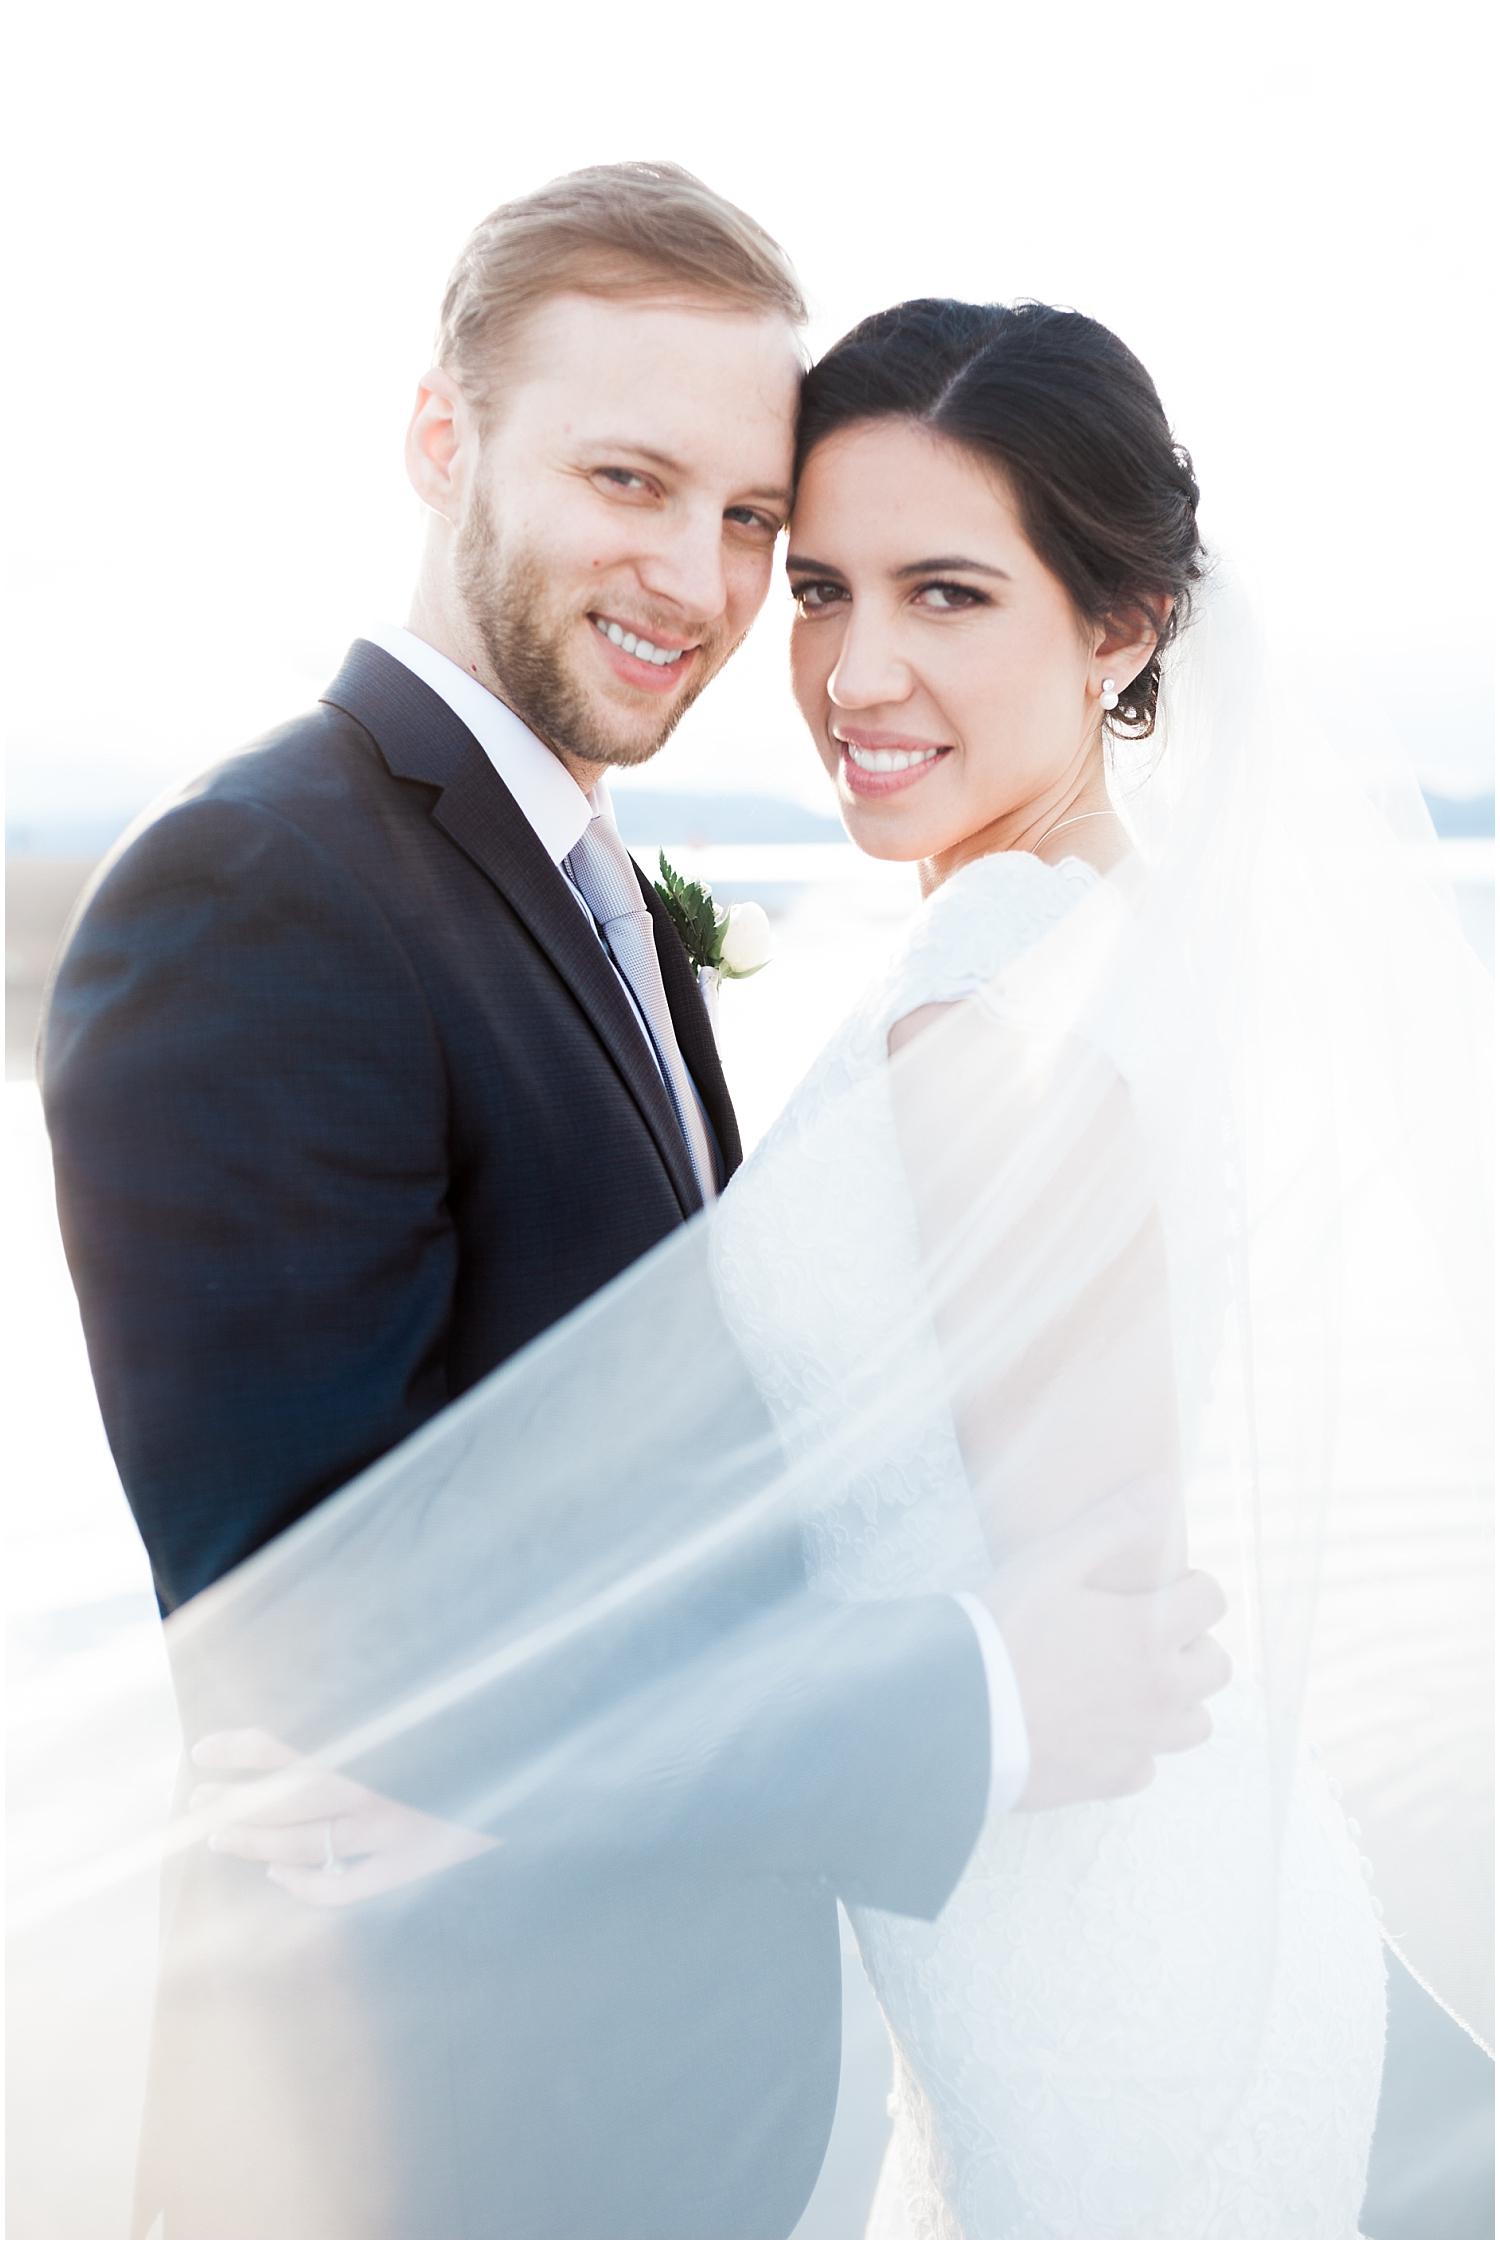 Bonneville Salt Flats Bridals-Ryan & Rachael-Rachel Reyes Photography_0150.jpg